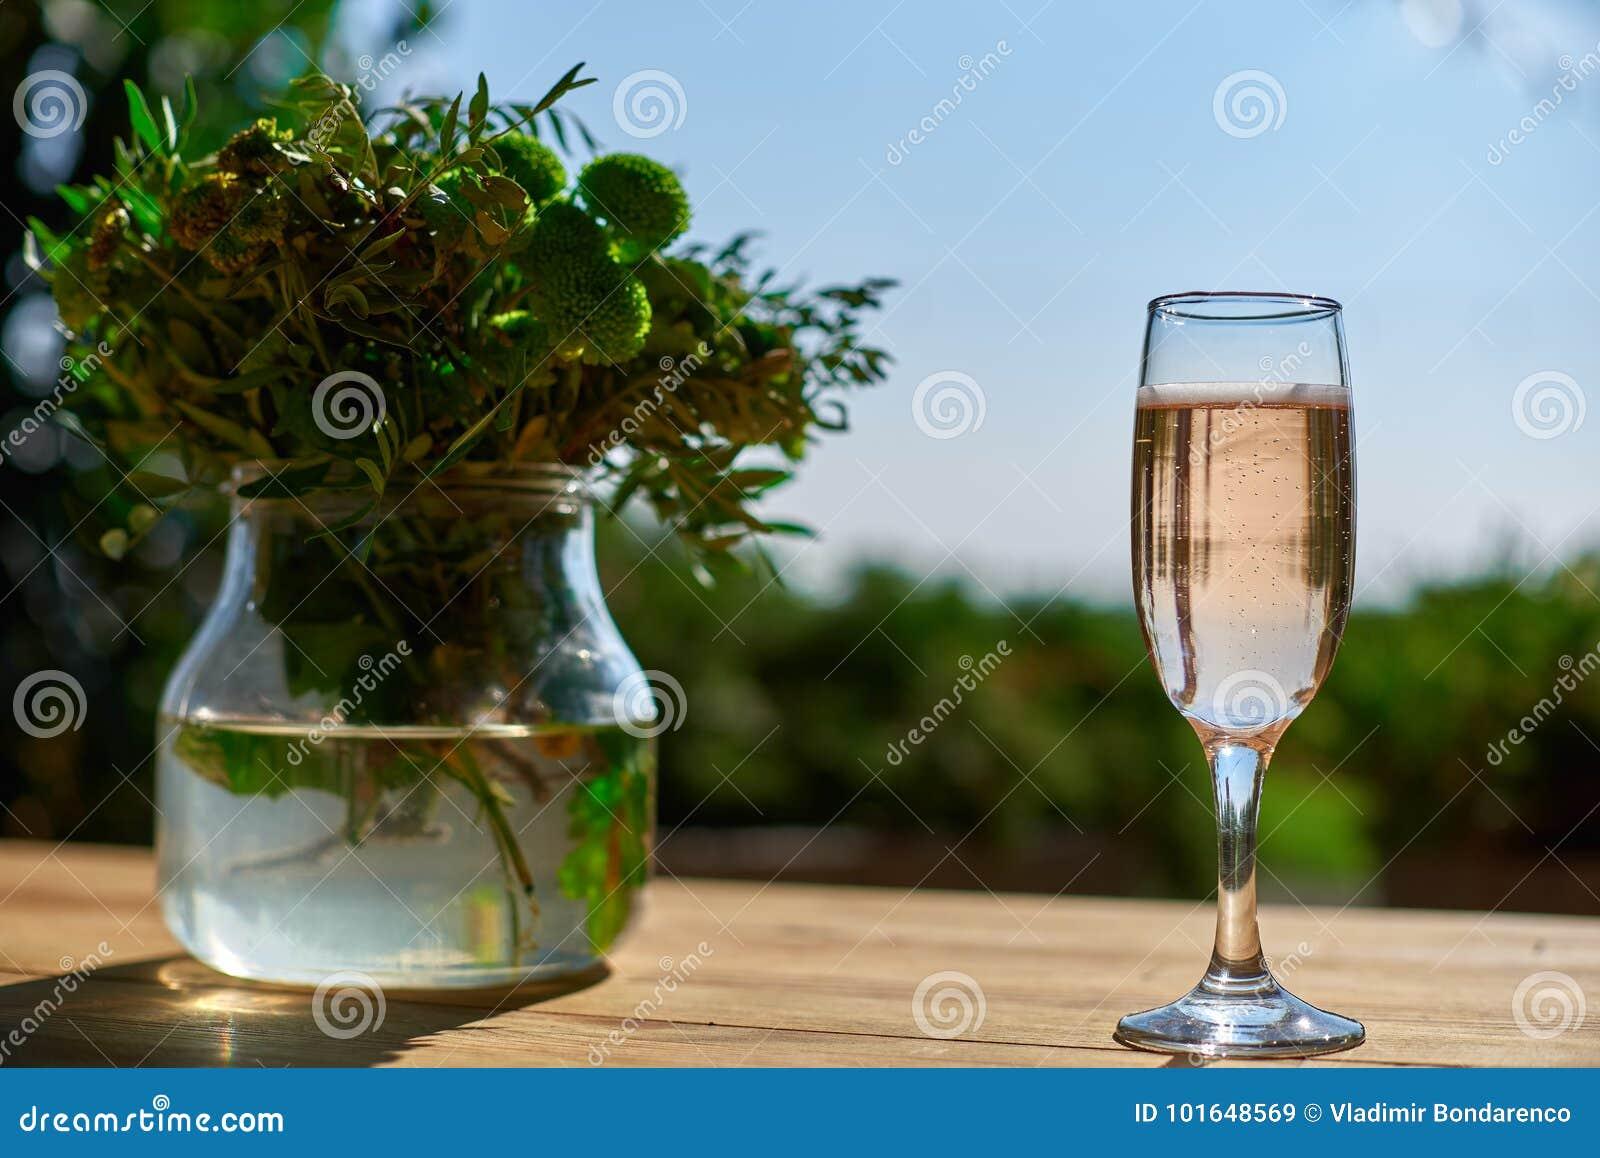 Terraza Vidrio Con Champán En Una Tabla De Madera Imagen De